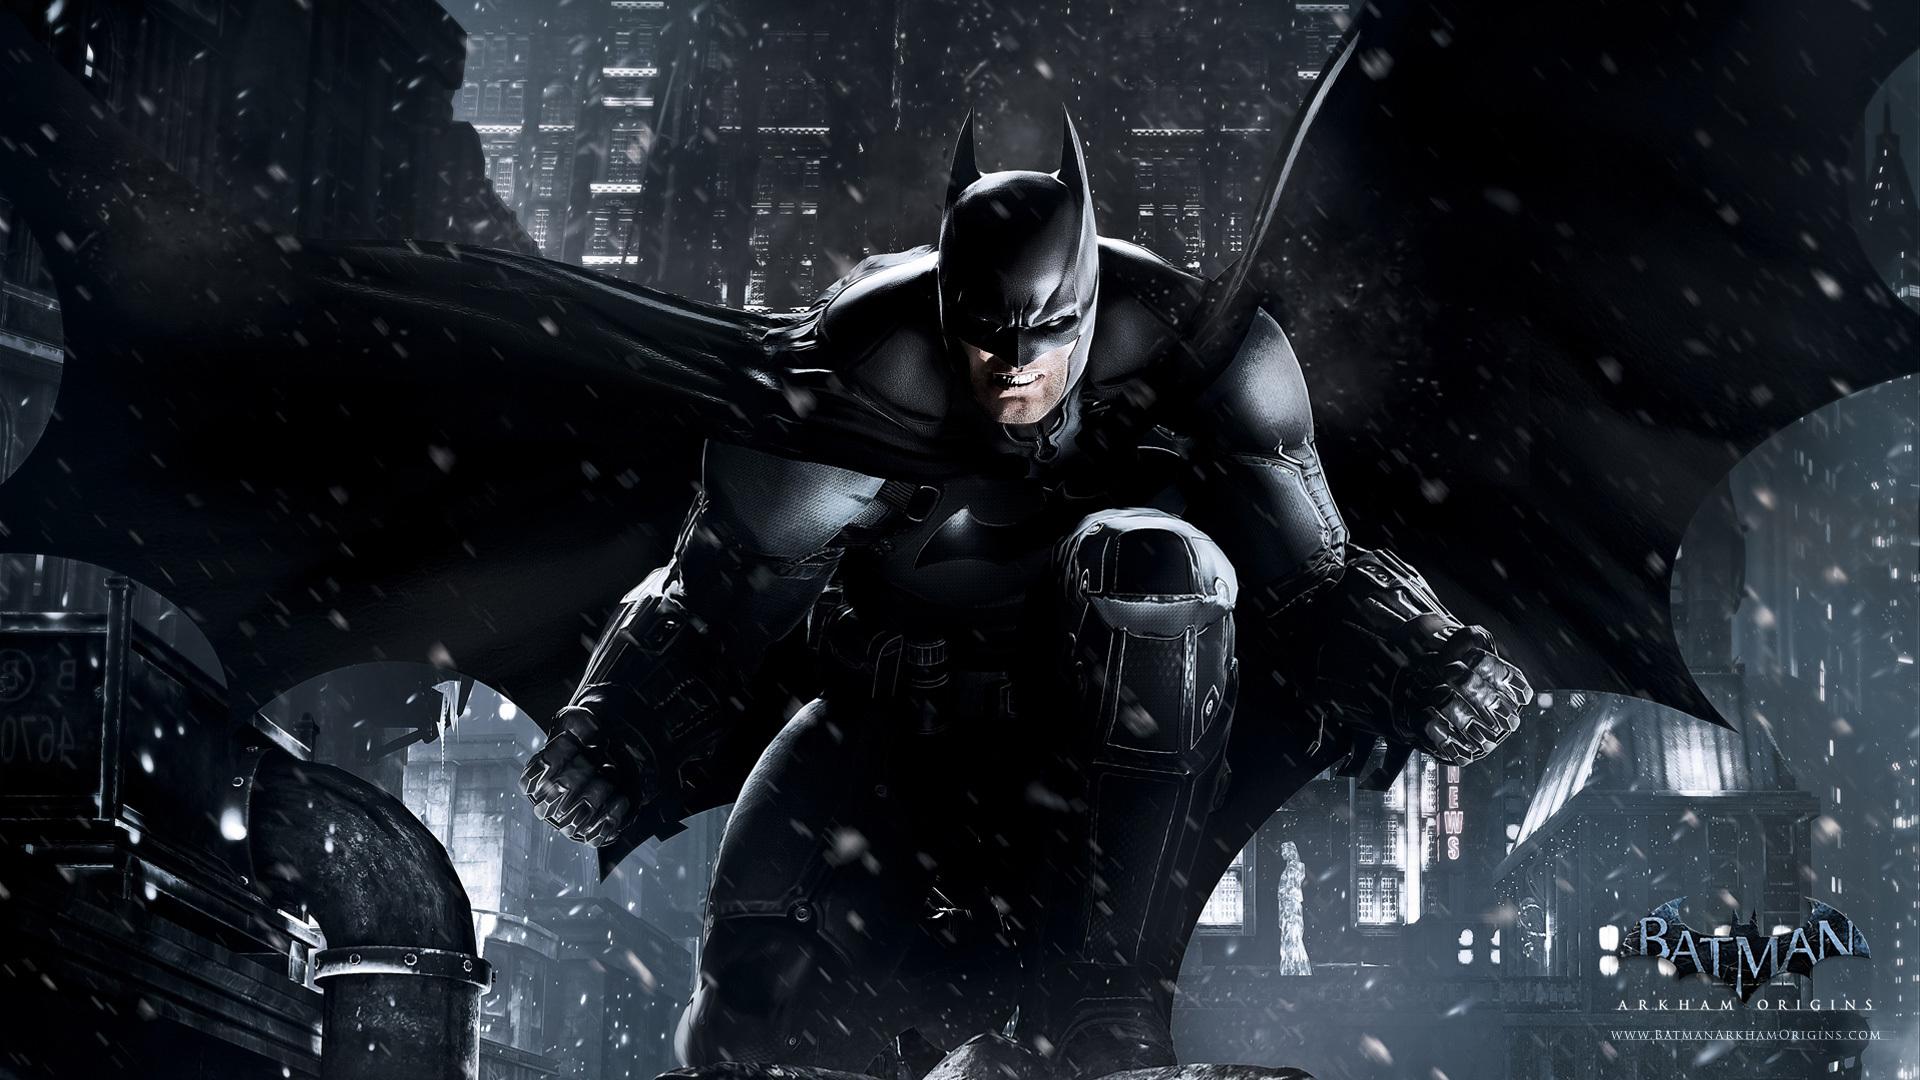 49+ Batman HD Wallpapers 1080p on WallpaperSafari